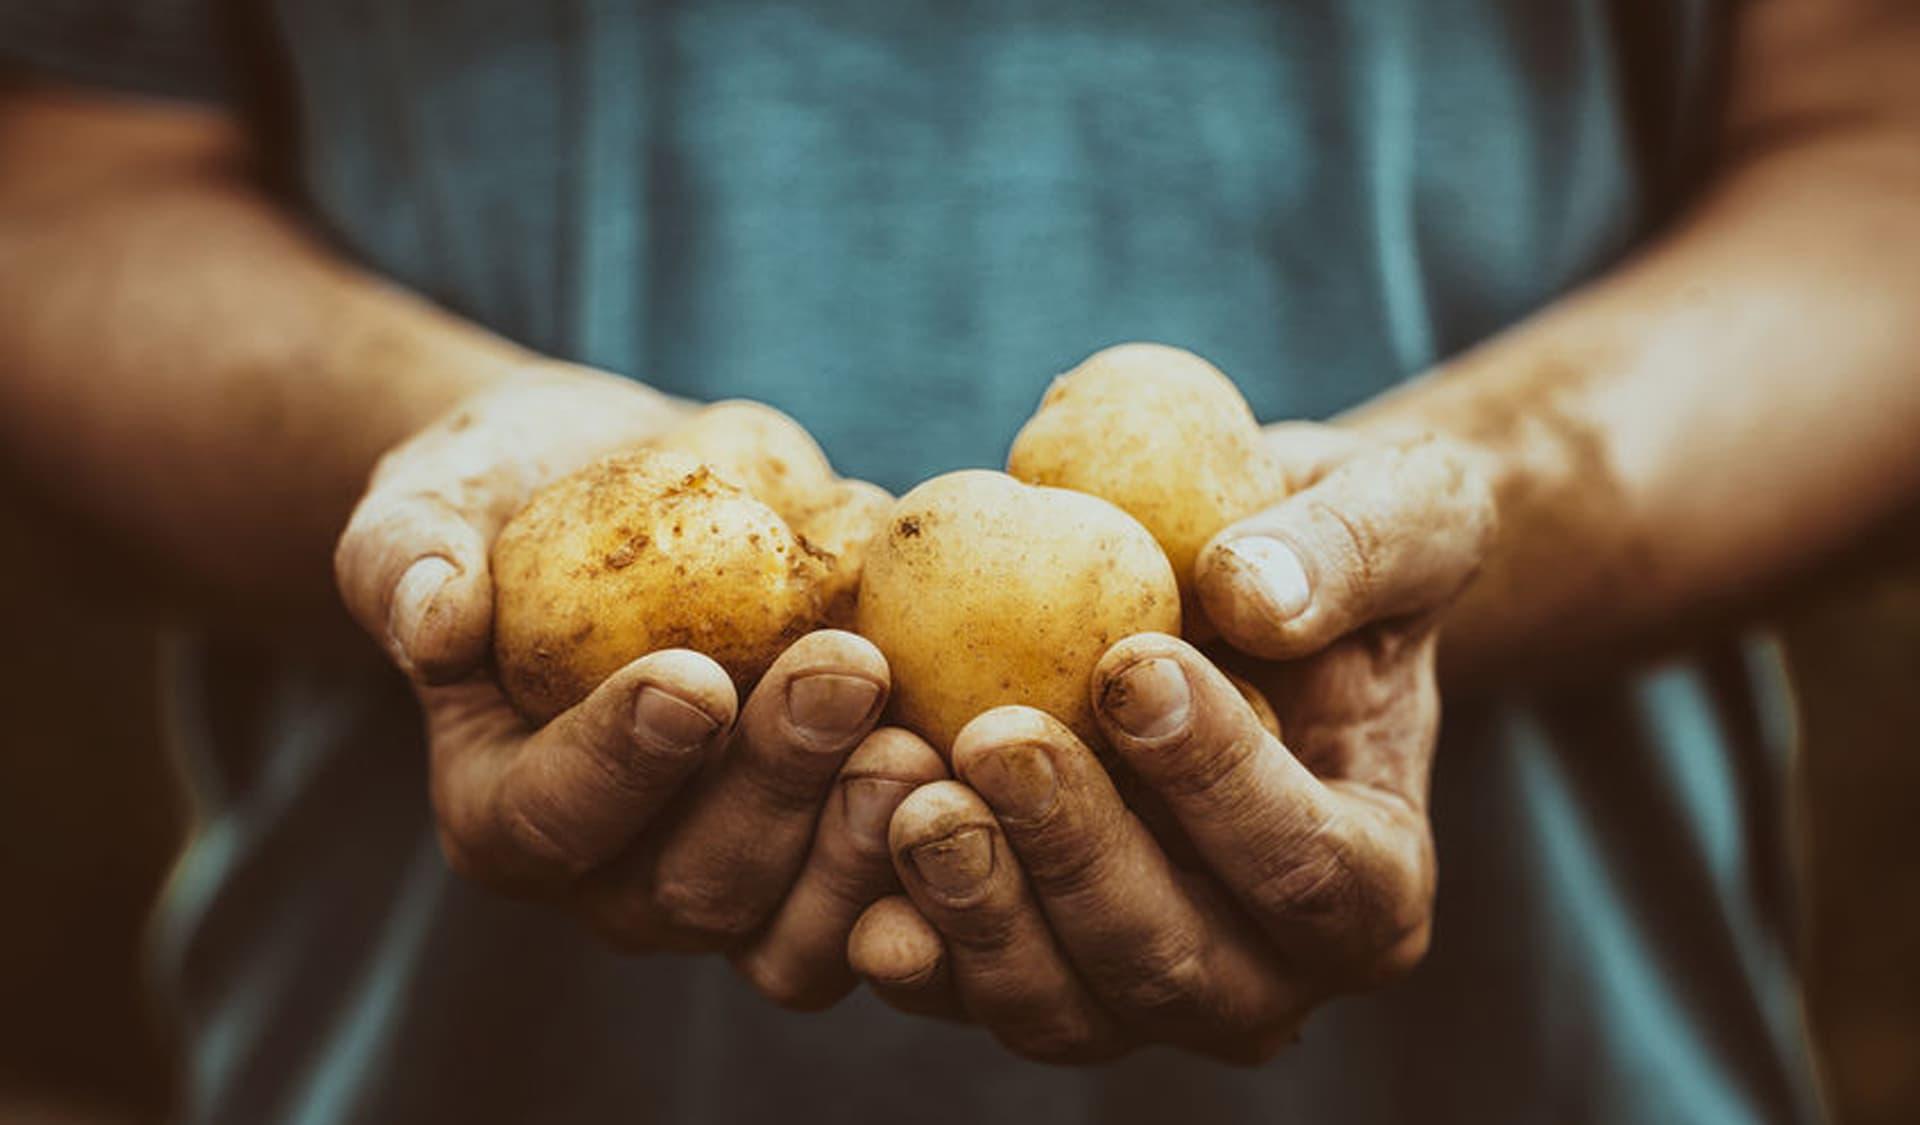 Erdige Hände mit Kartoffeln